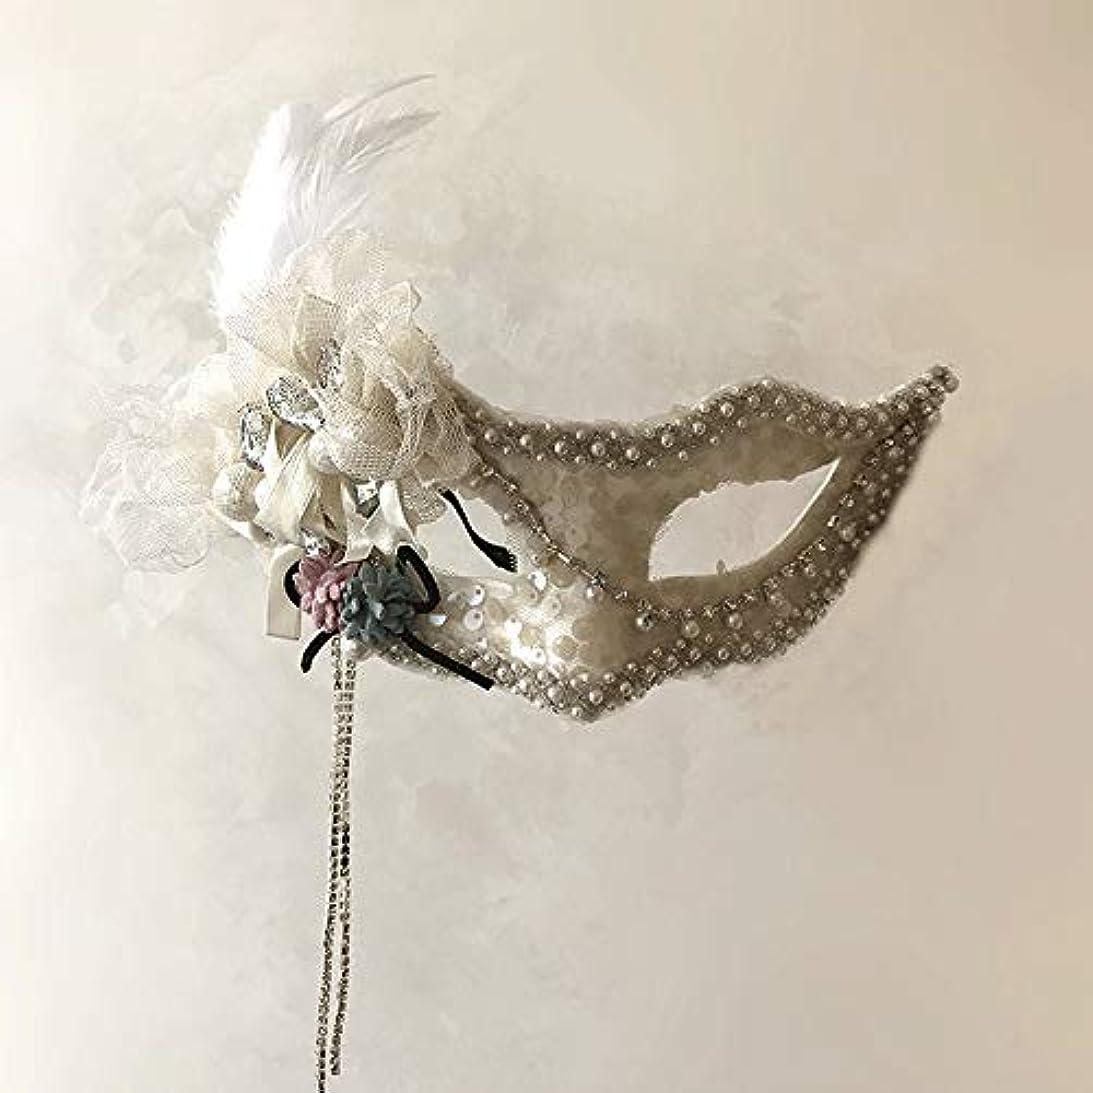 高層ビル説教するいたずらなNanle ホワイトフェザーフラワーマスク仮装ボールアイマスクハロウィーンボールフリンジフェザーマスクパーティマスク女性レディセクシーマスク (色 : Style D)